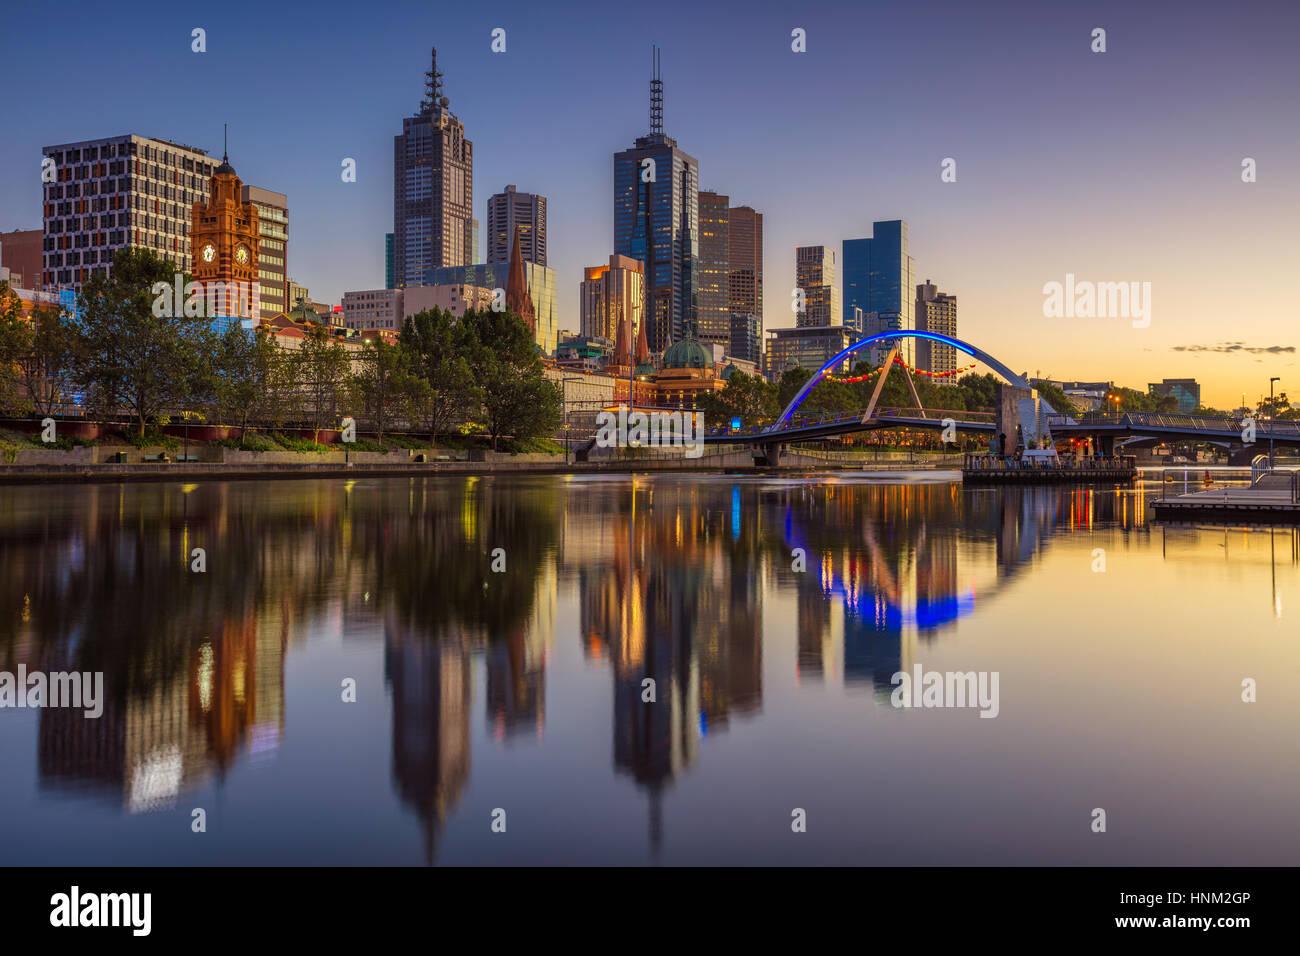 Ciudad de Melbourne. Imagen del paisaje urbano de Melbourne, Australia, durante el verano, el amanecer. Imagen De Stock